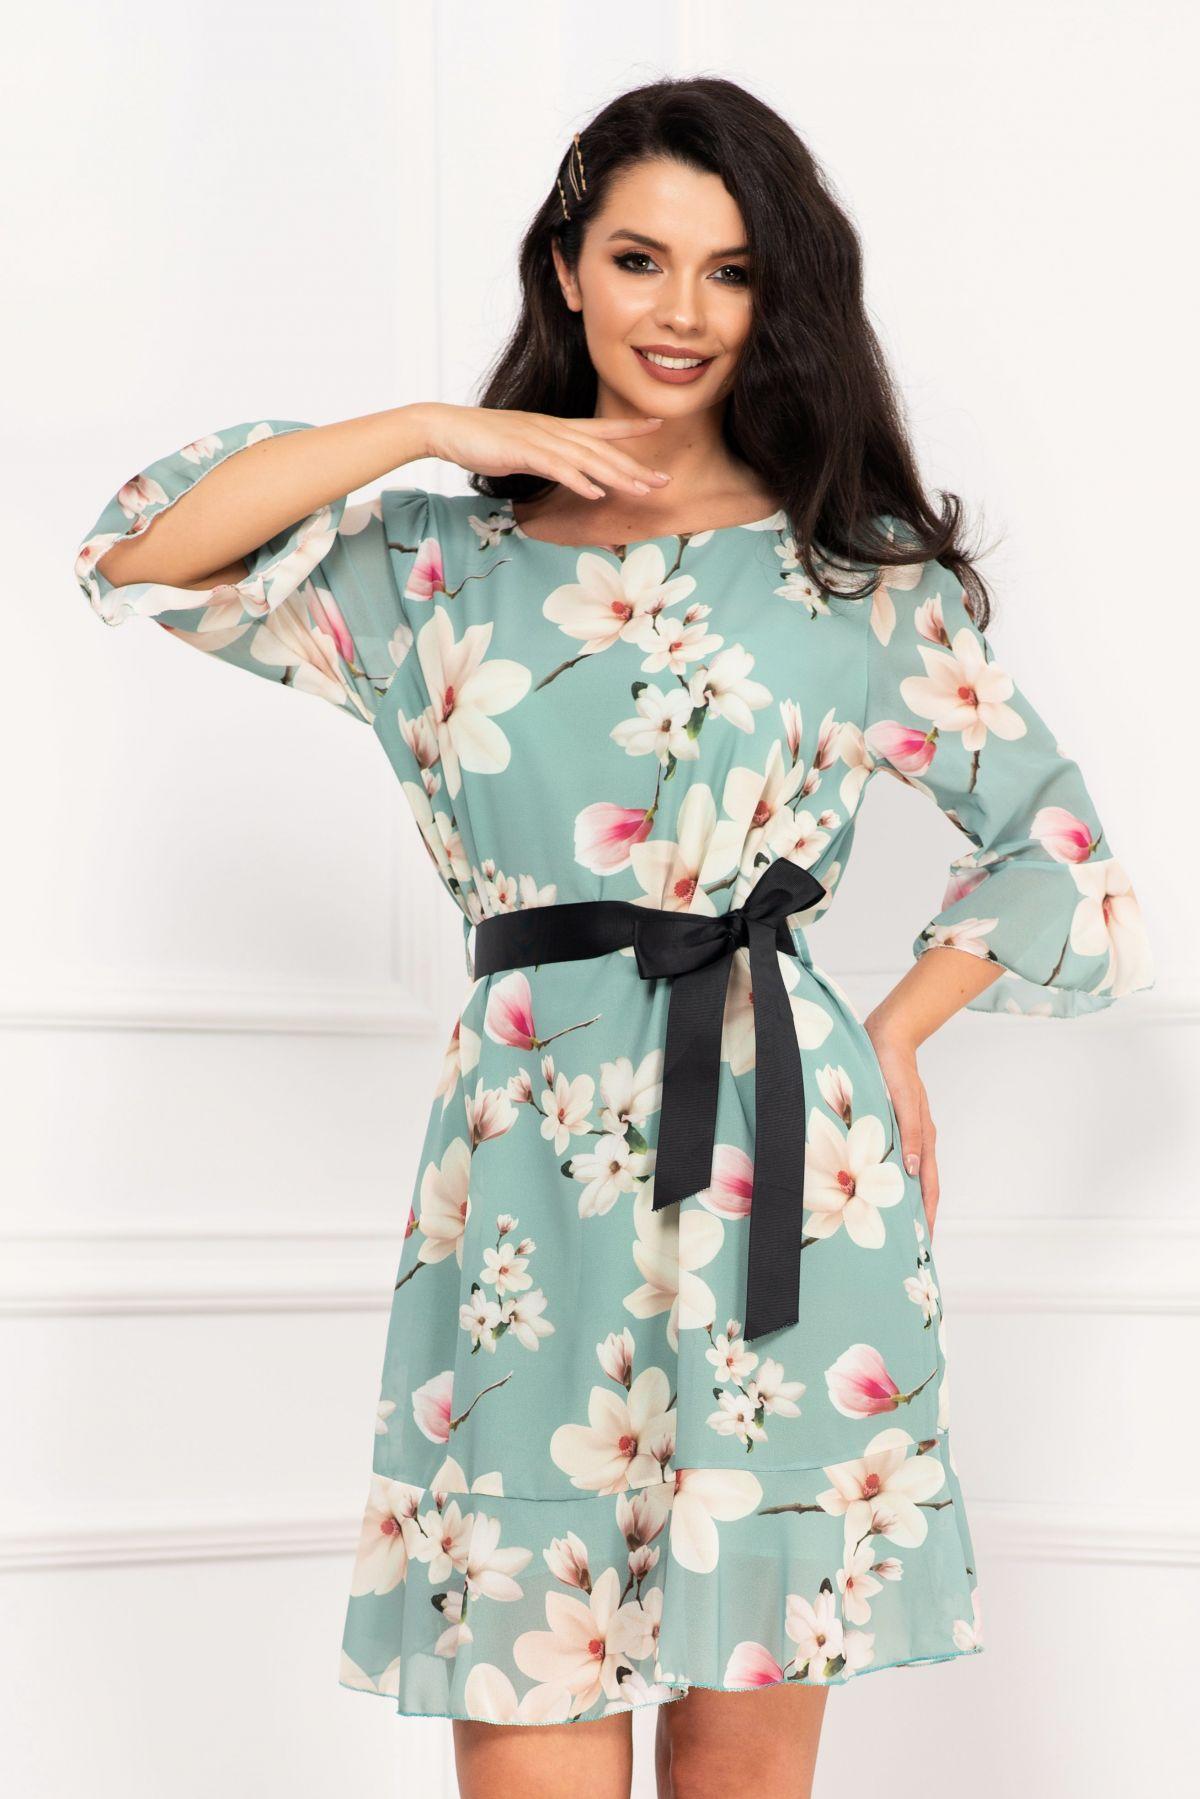 Rochie dama din voal mint cu imprimeu flori de magnolie